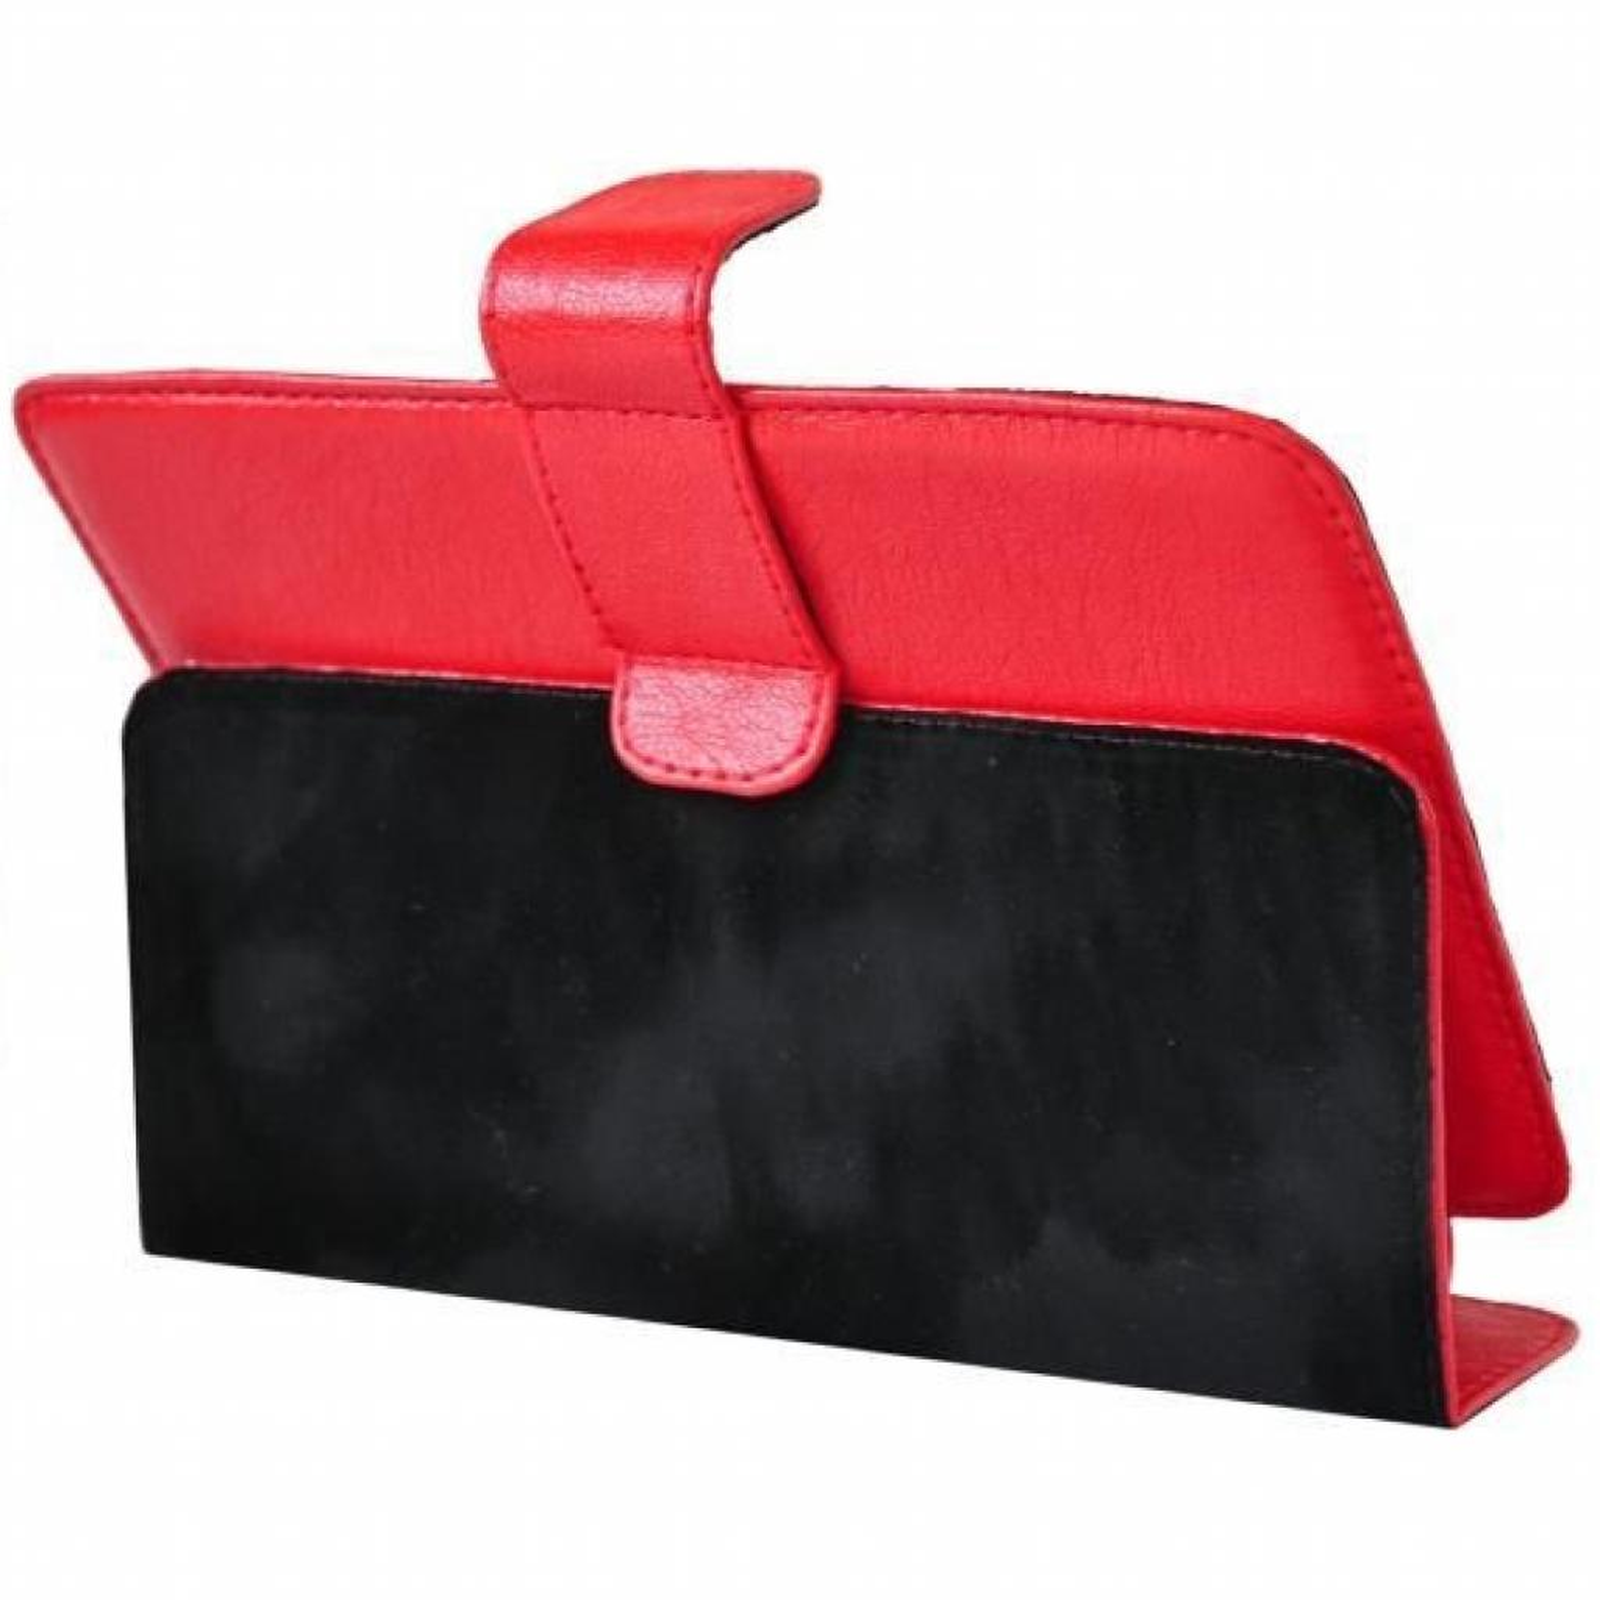 Чехол для планшета Vento 9 COOL - red изображение 2